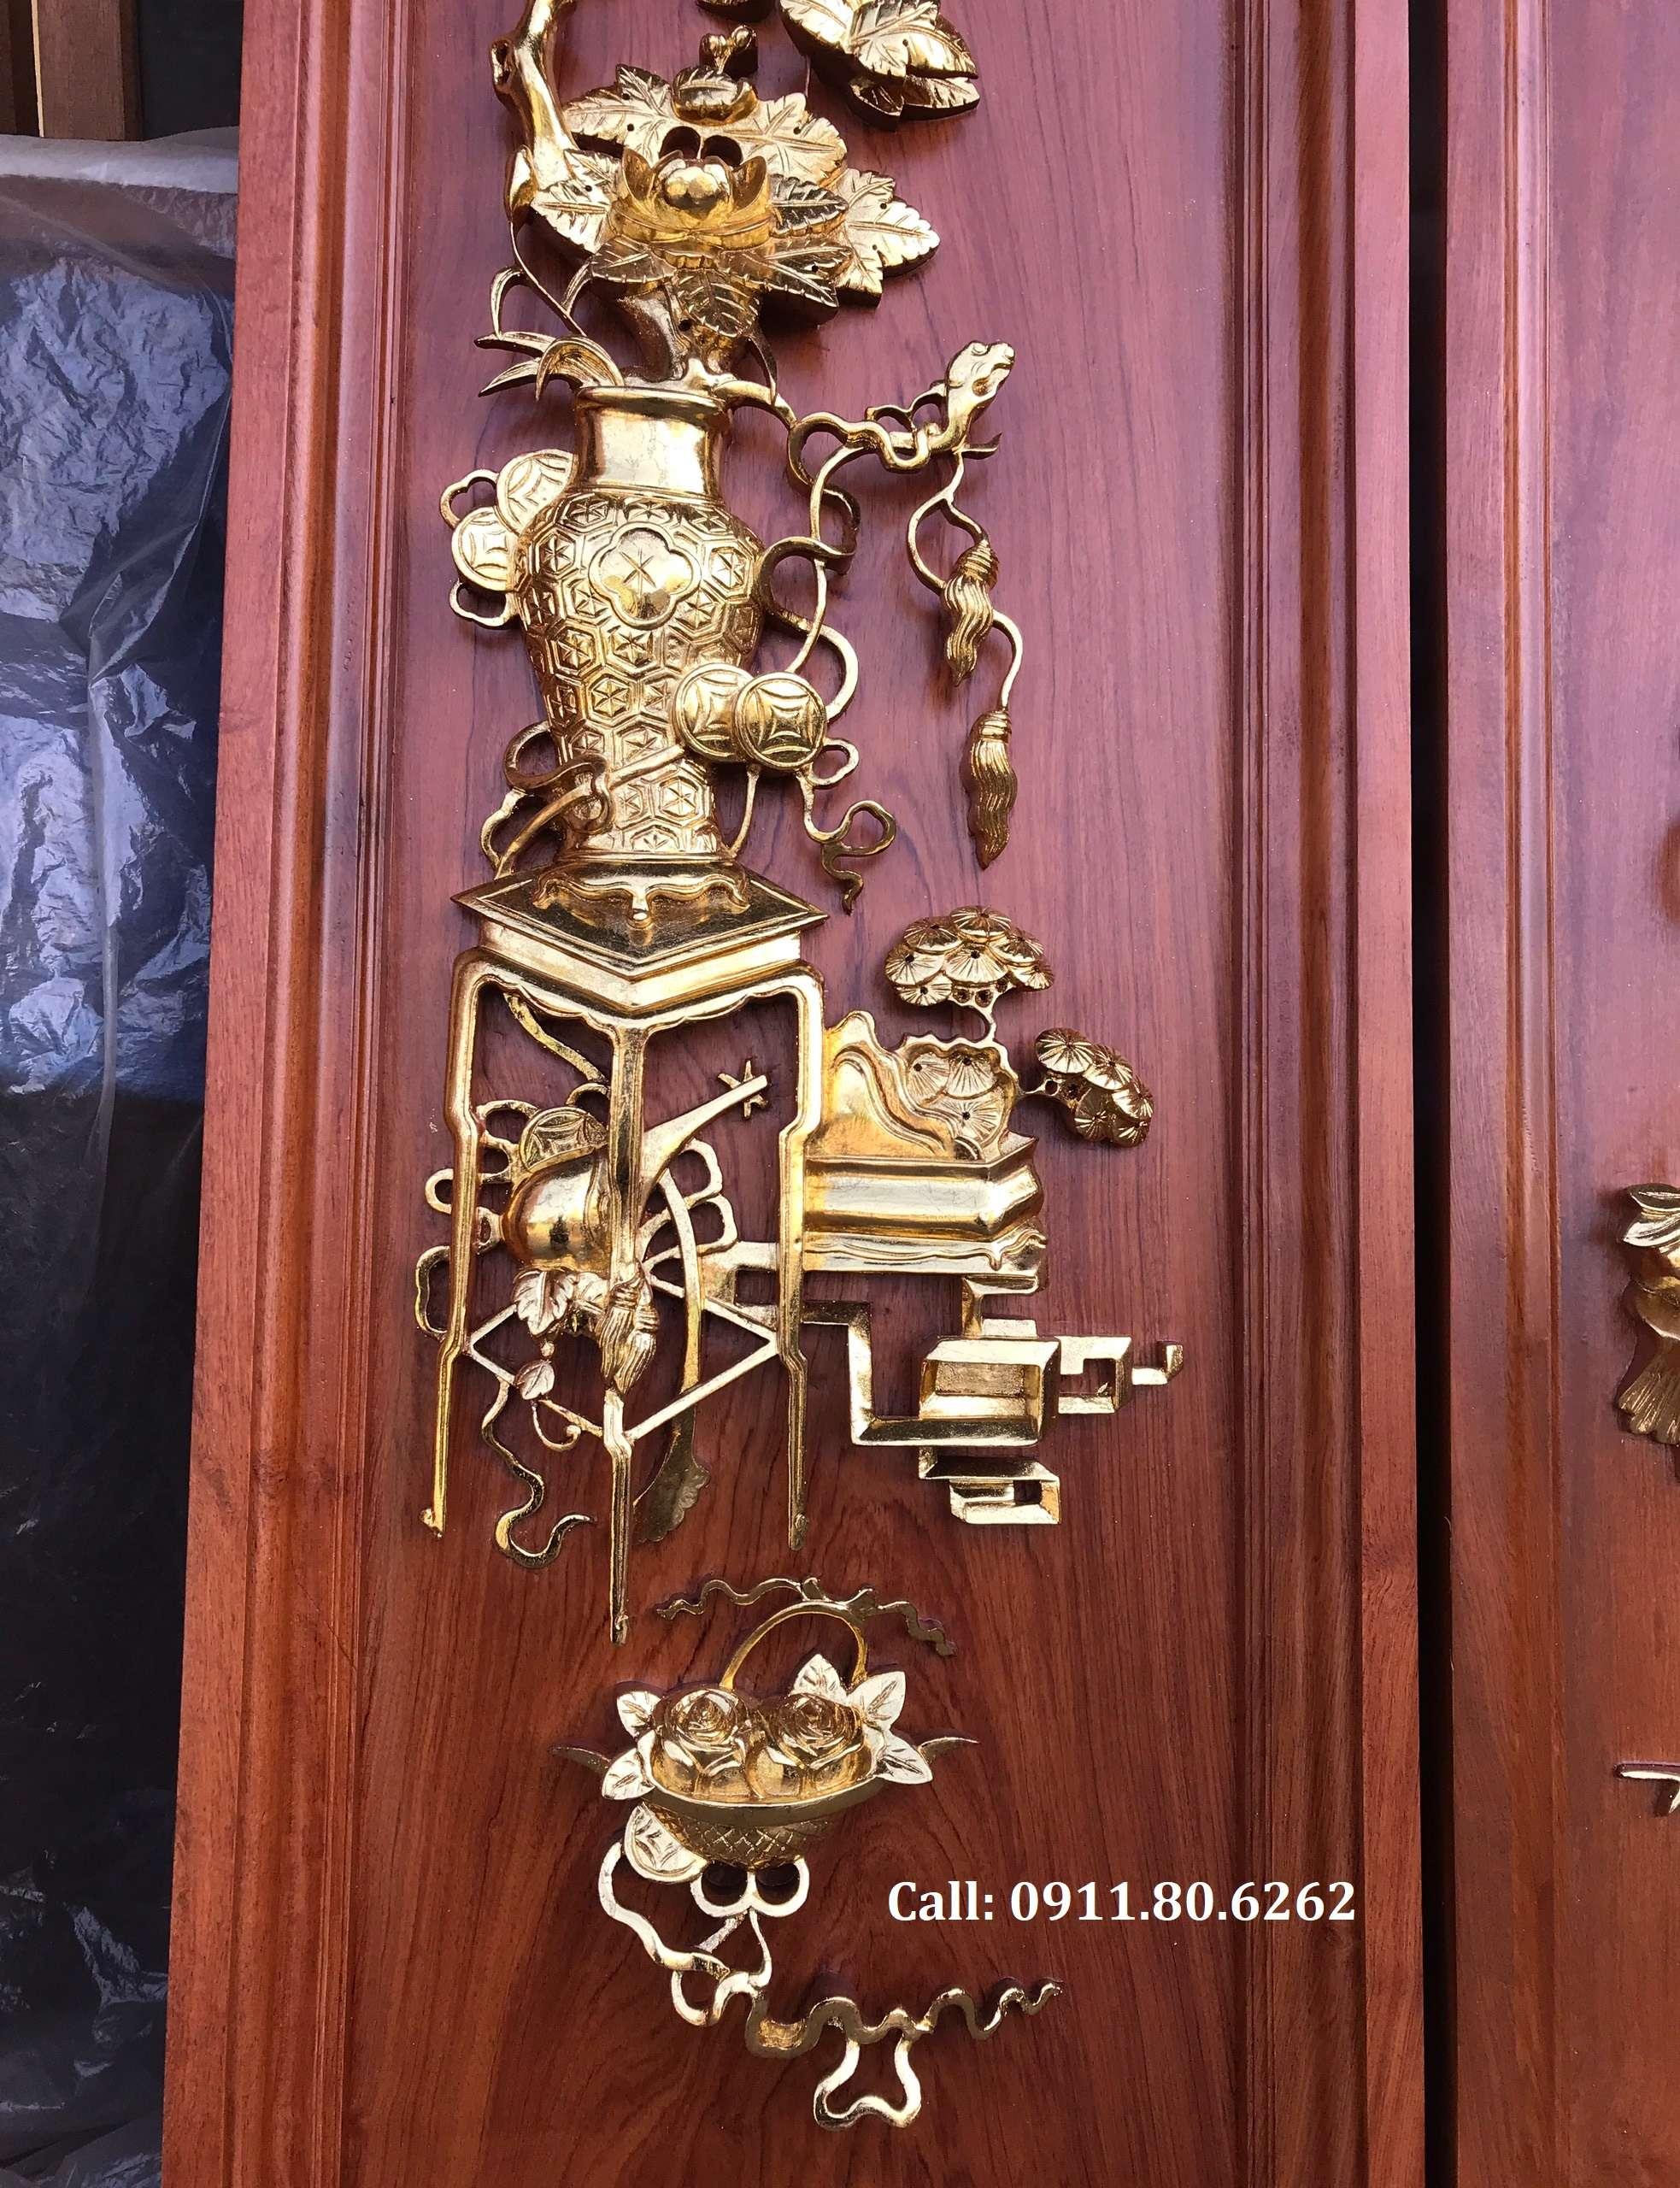 Tranh Tu Binh Son Son Thep Vang 12 - Tranh Tứ Bình Sơn Son Thiếp Vàng MS: 15